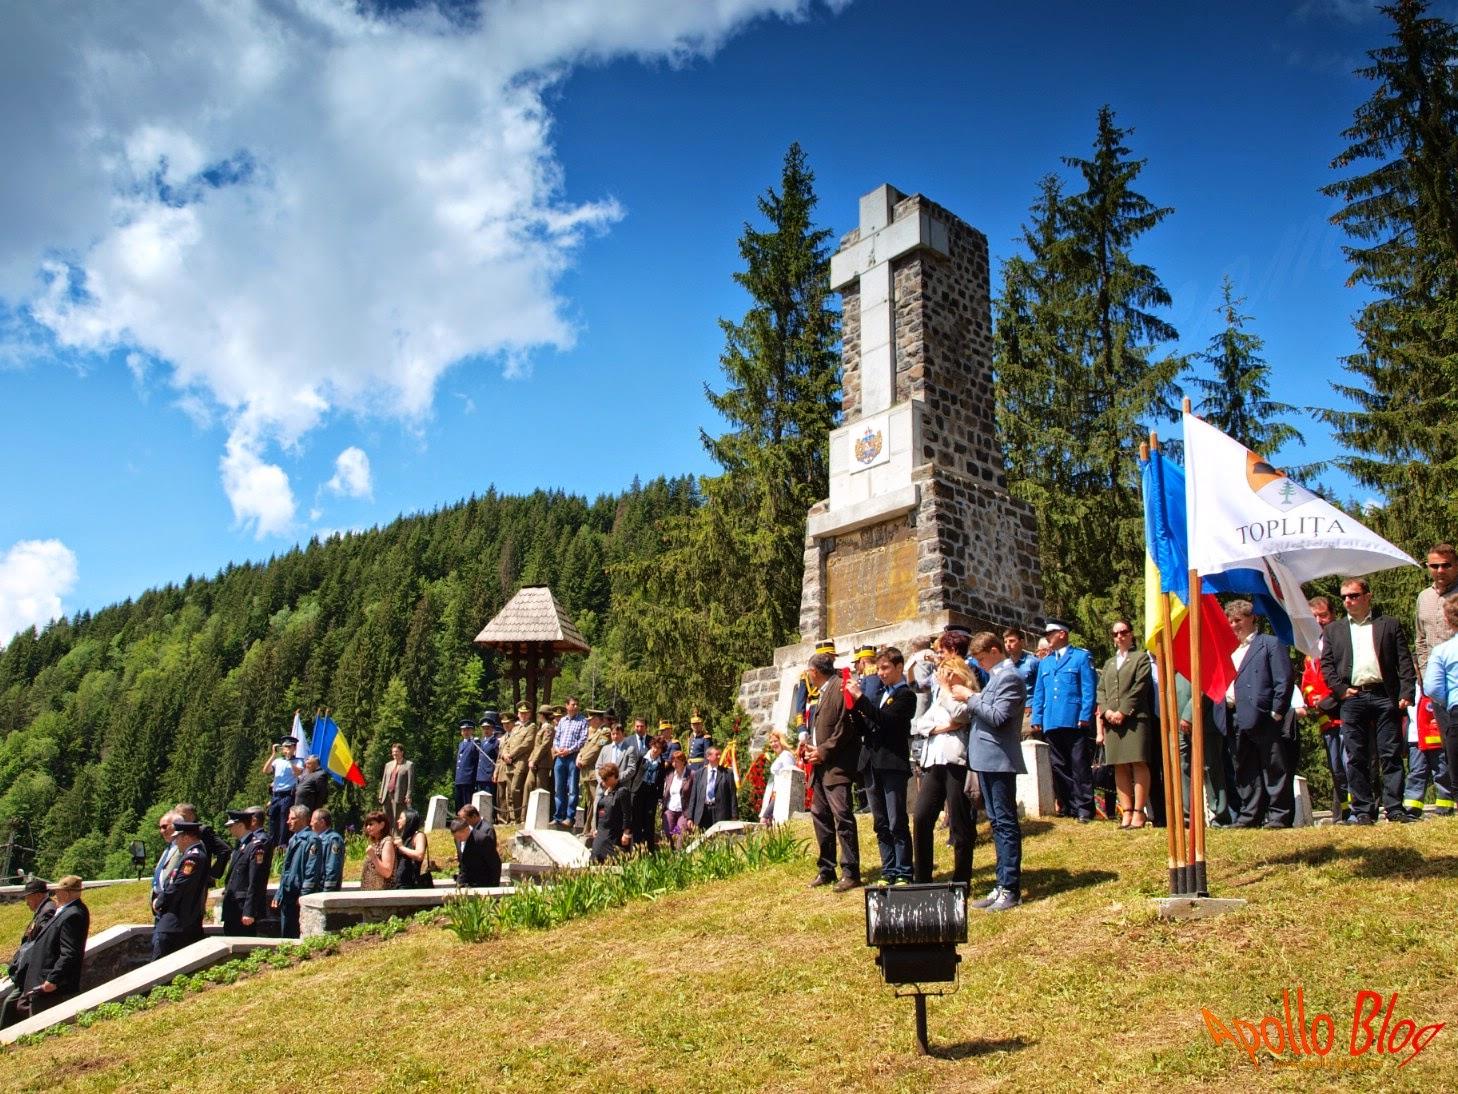 Monumentul Eroilor Toplita Secu 2014